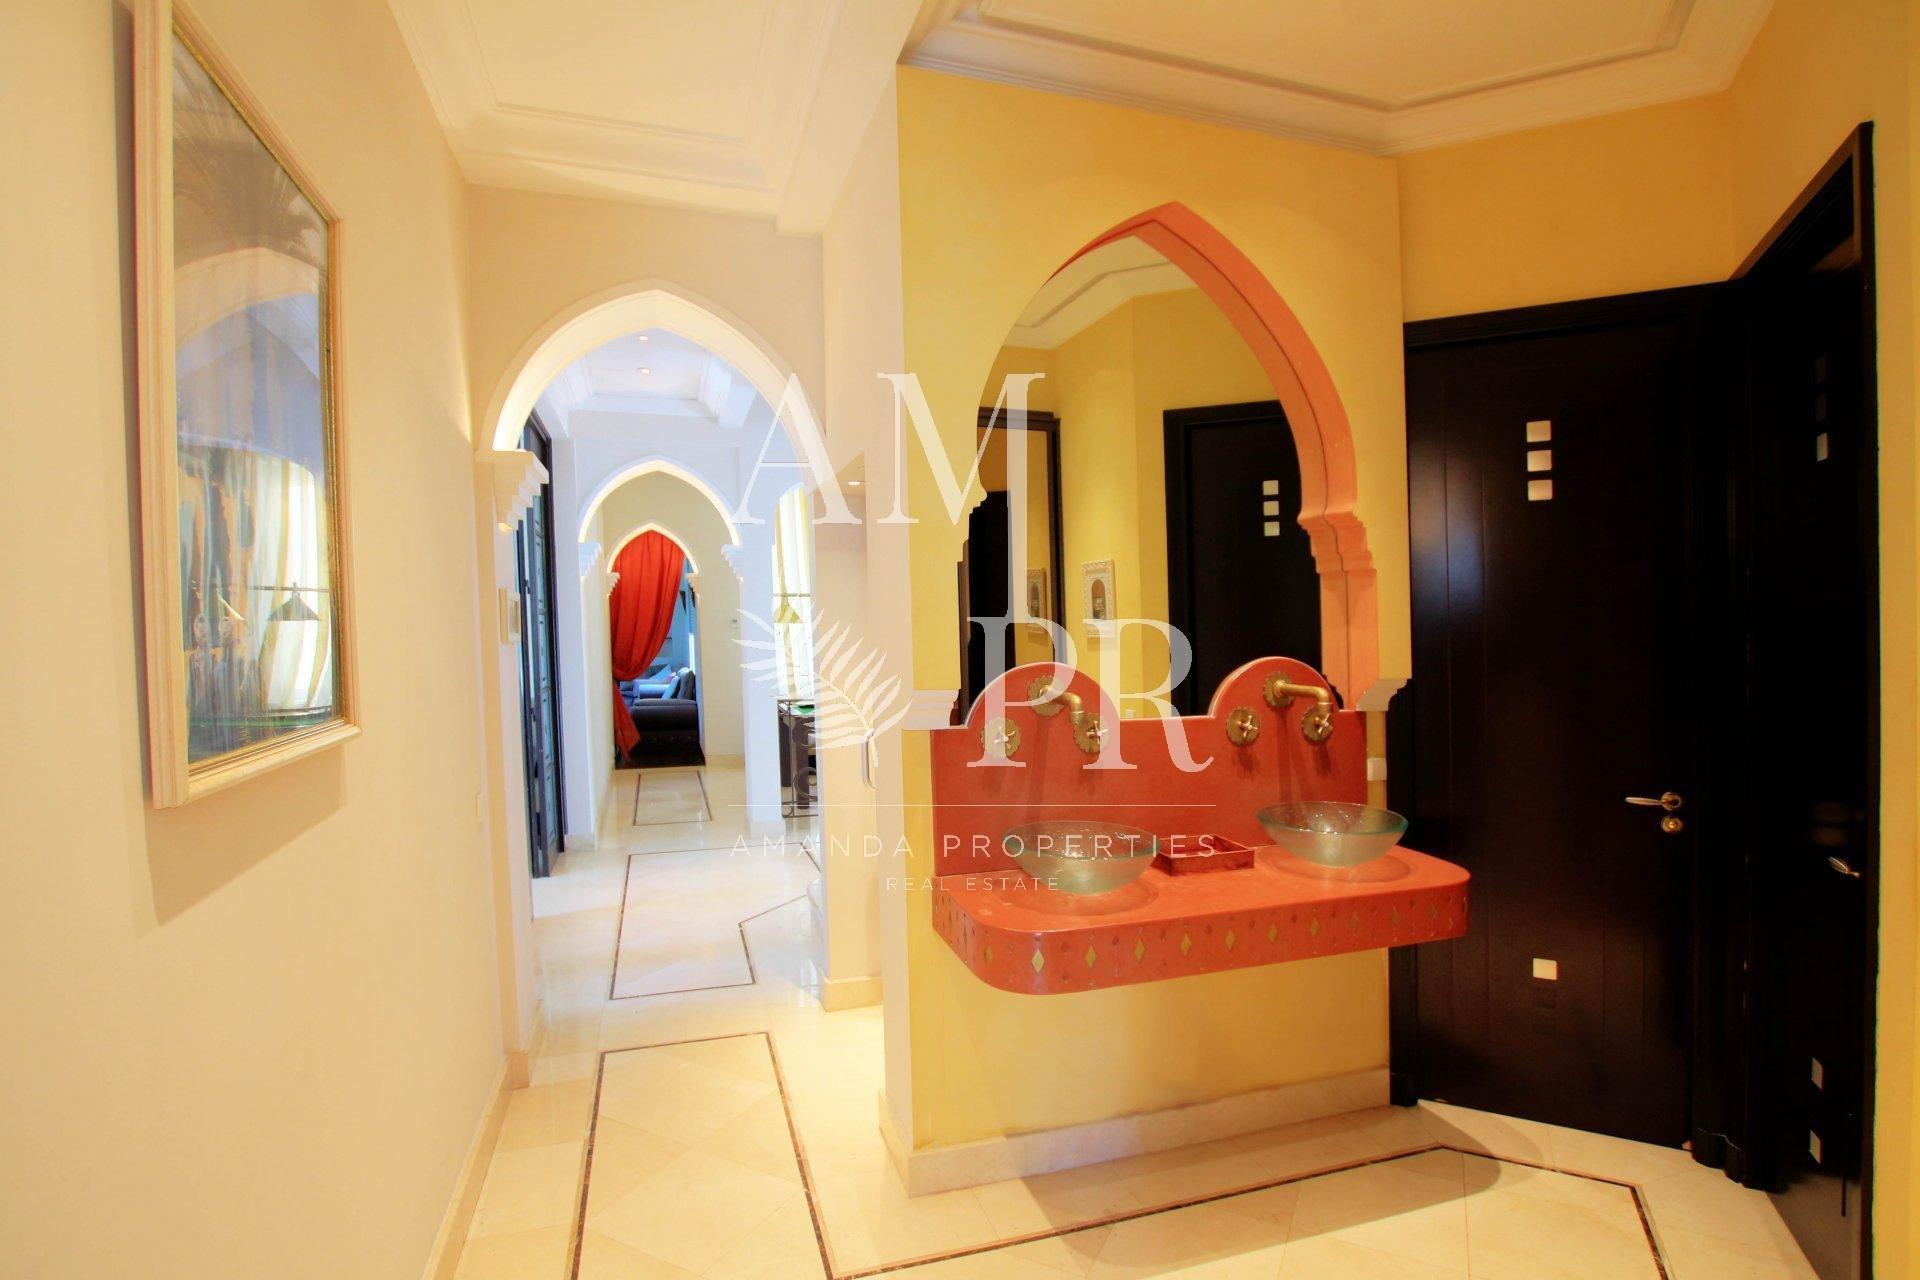 Hotel particulier - Centre ville - Cannes